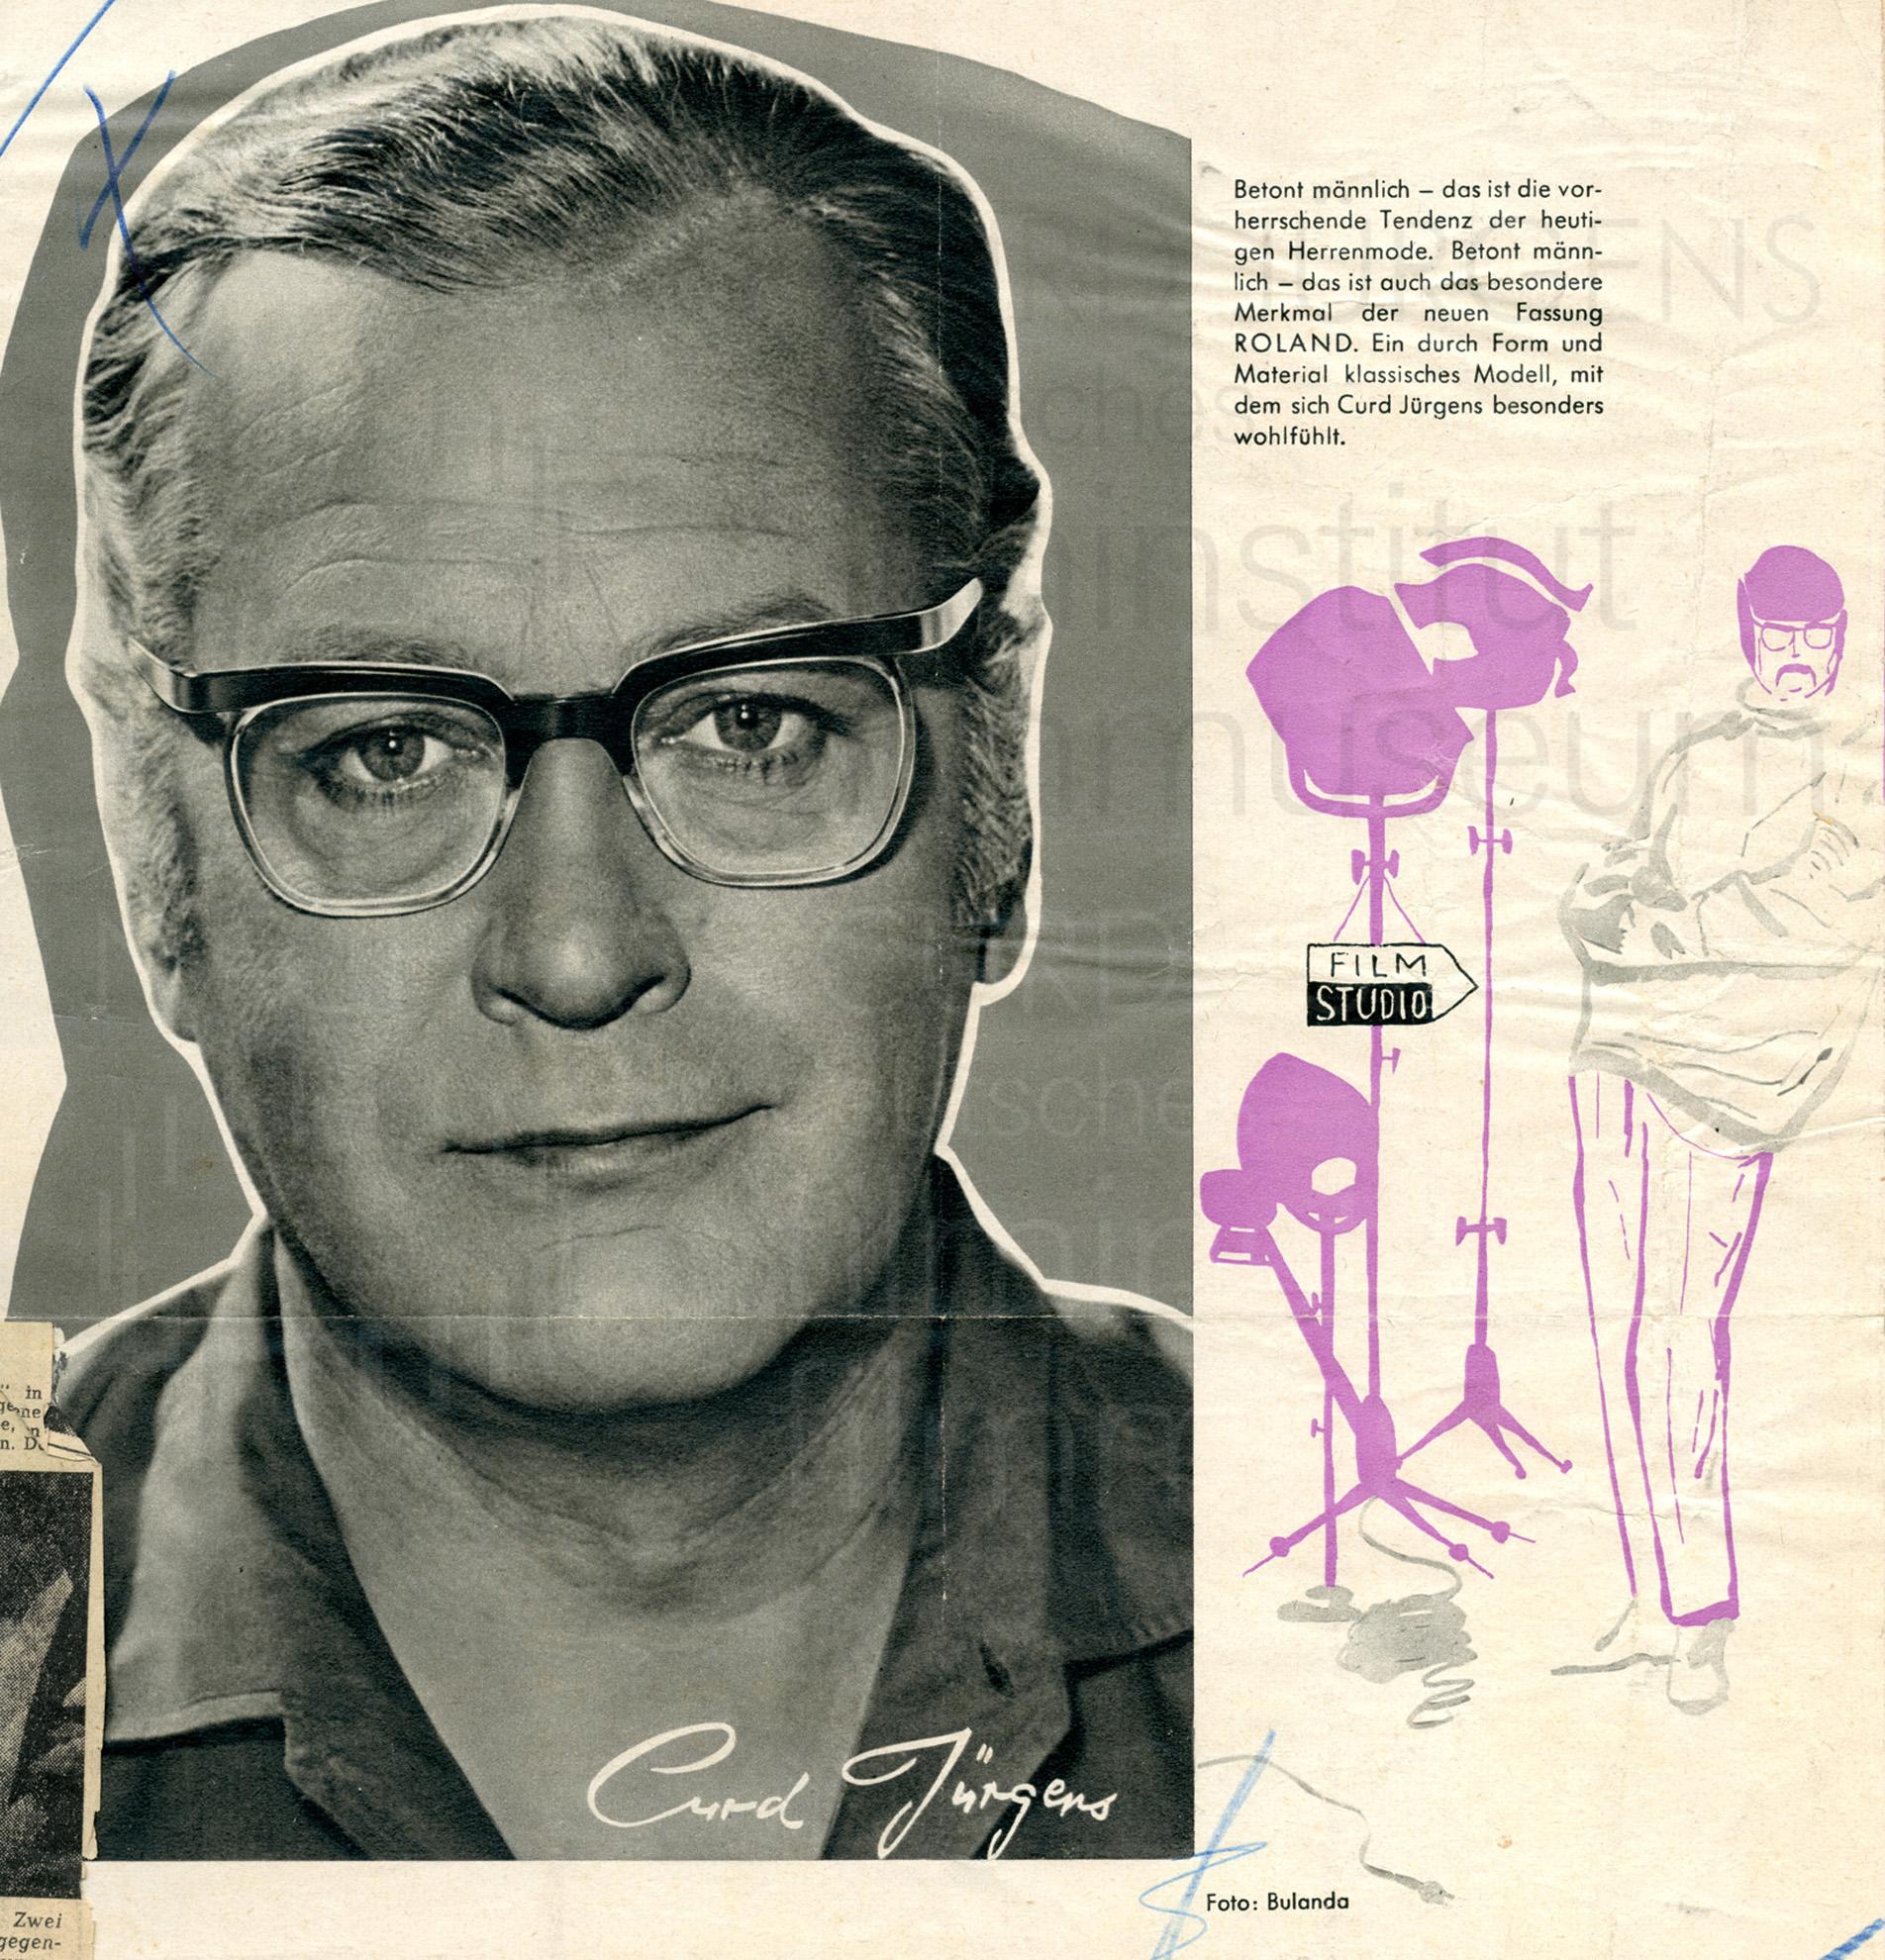 """Werbung für die Brillenfassung """"ROLAND"""" von Rodenstock, 1960"""